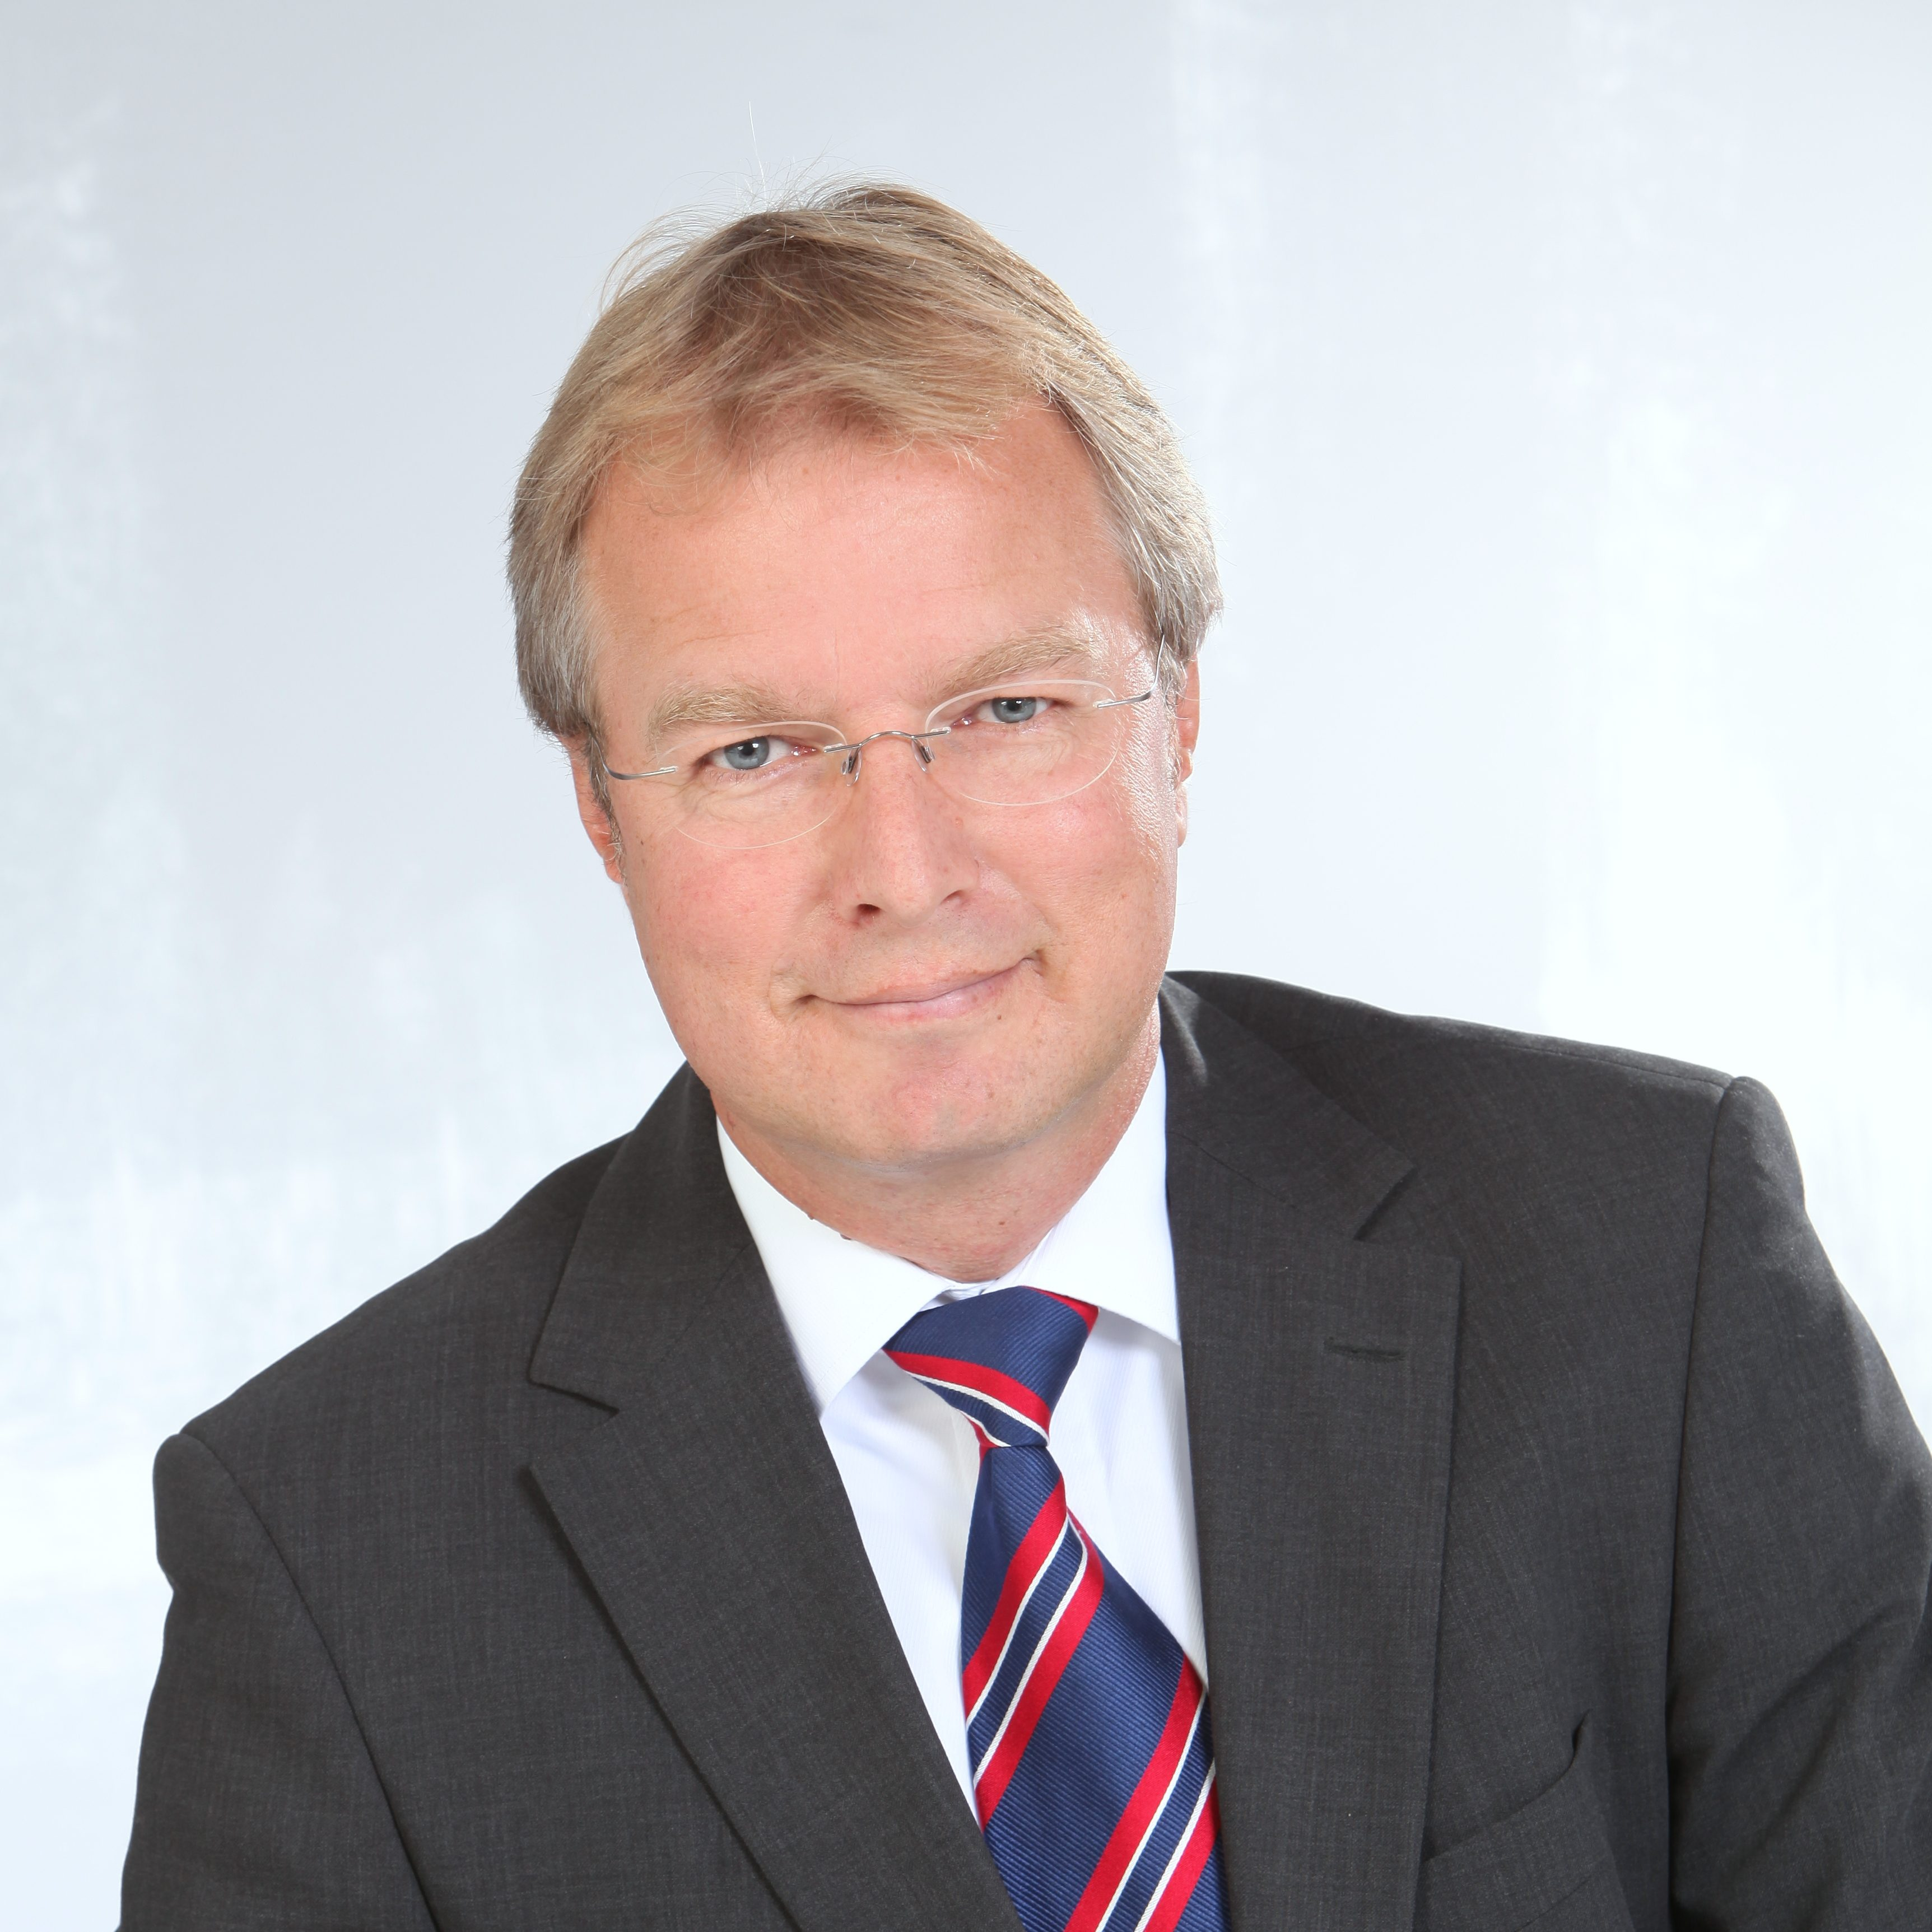 Speaker_QSC_Rainer_Schmidt